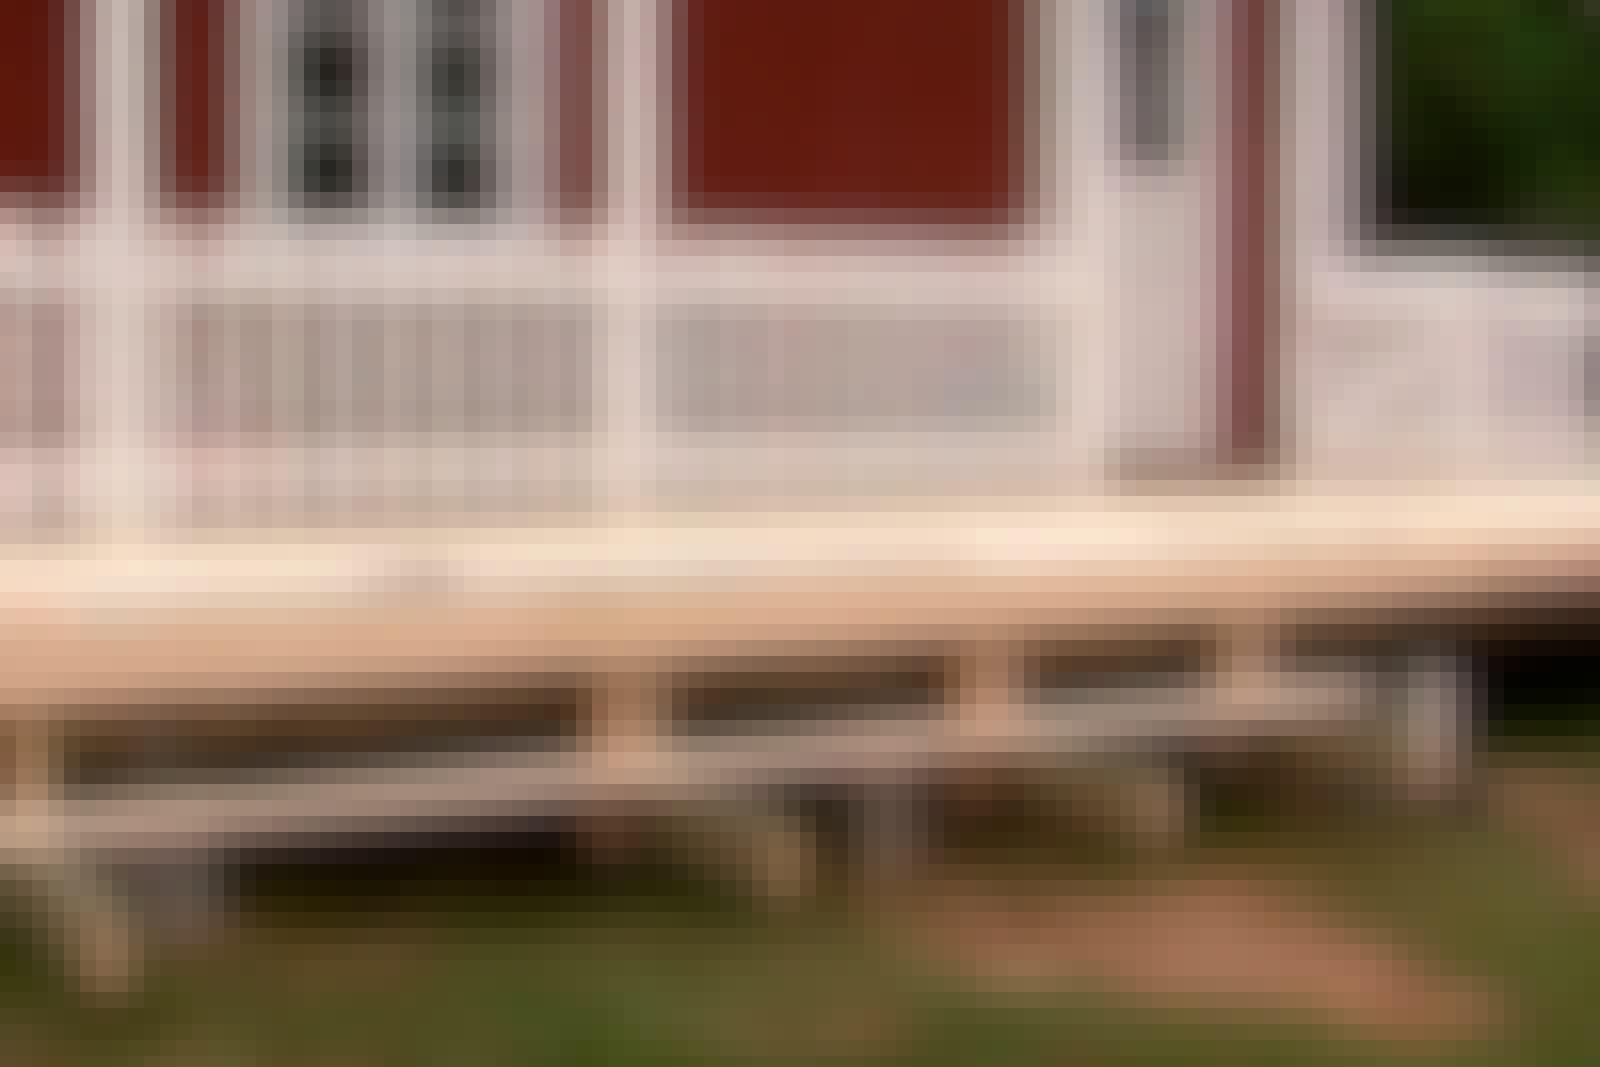 Rekkverk: Hvordan bygger man rekkverk av tre til en terrasse?